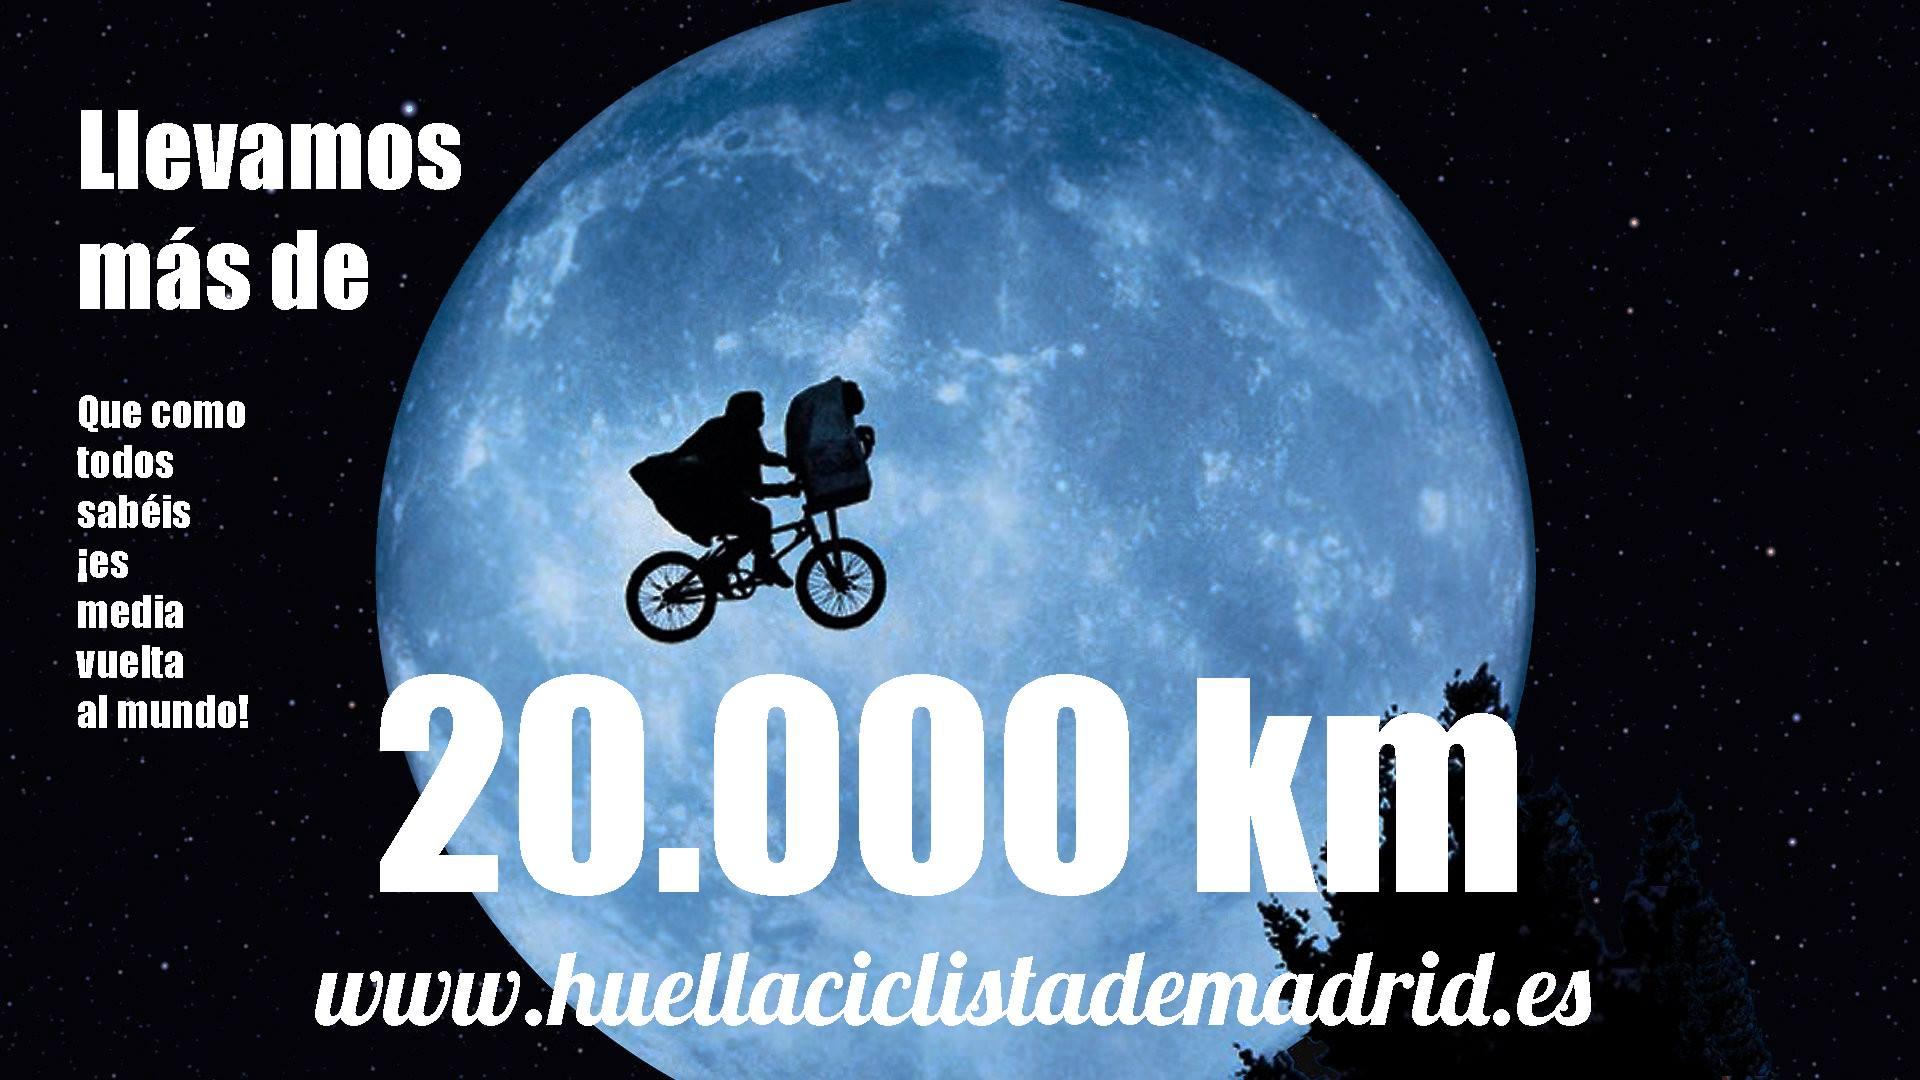 Llevamos más de 20.000 km!